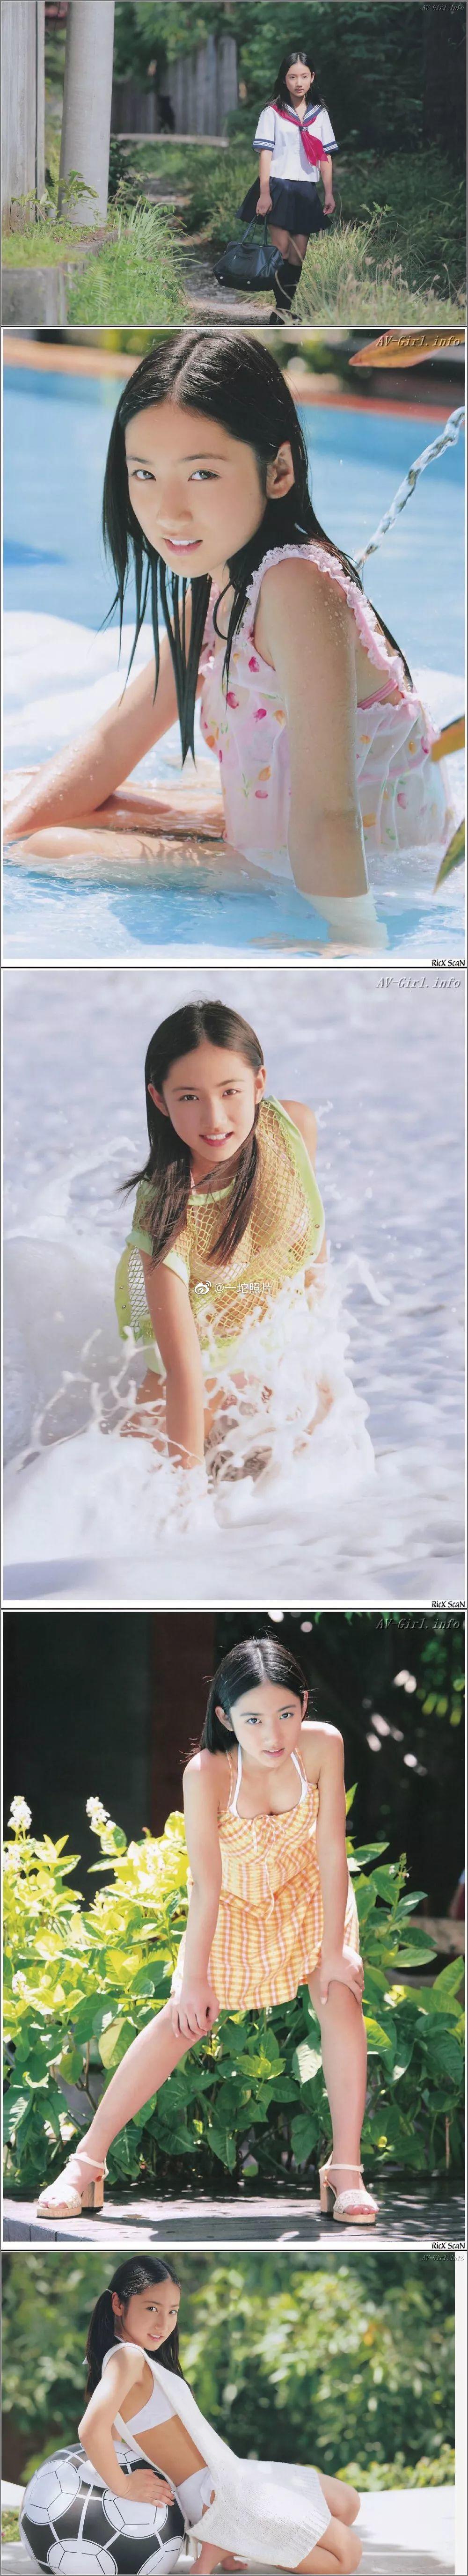 入江纱绫|写真界的童颜巨乳